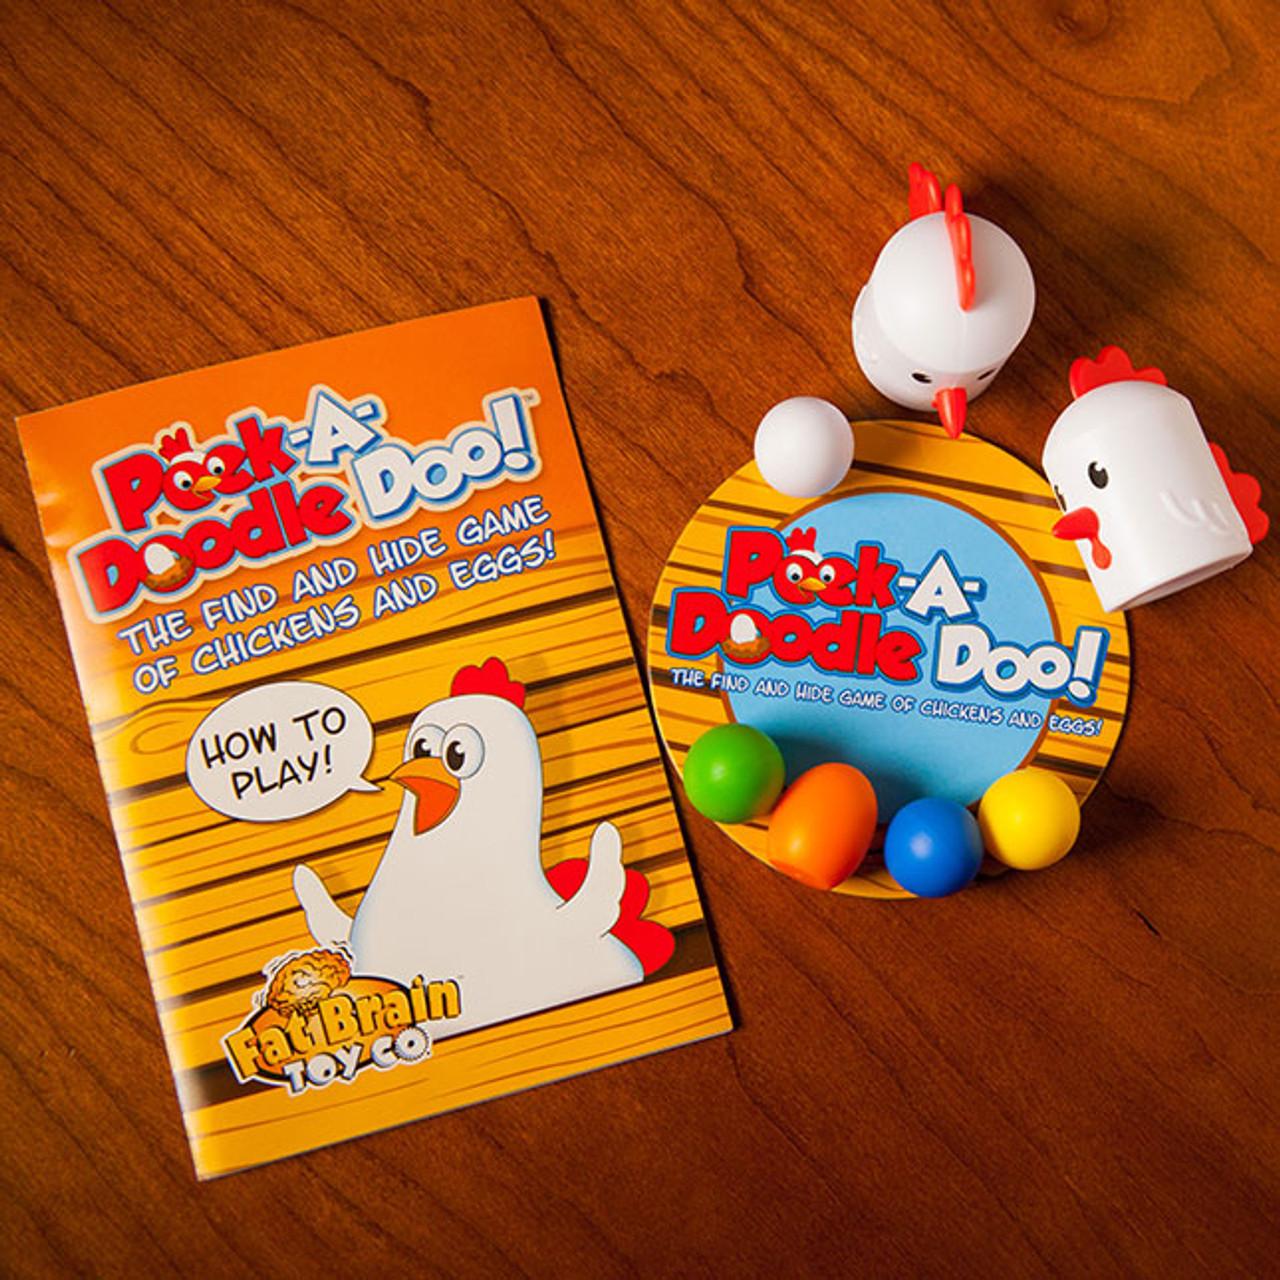 Peek-A-Doodle Doo! by Fat Brain